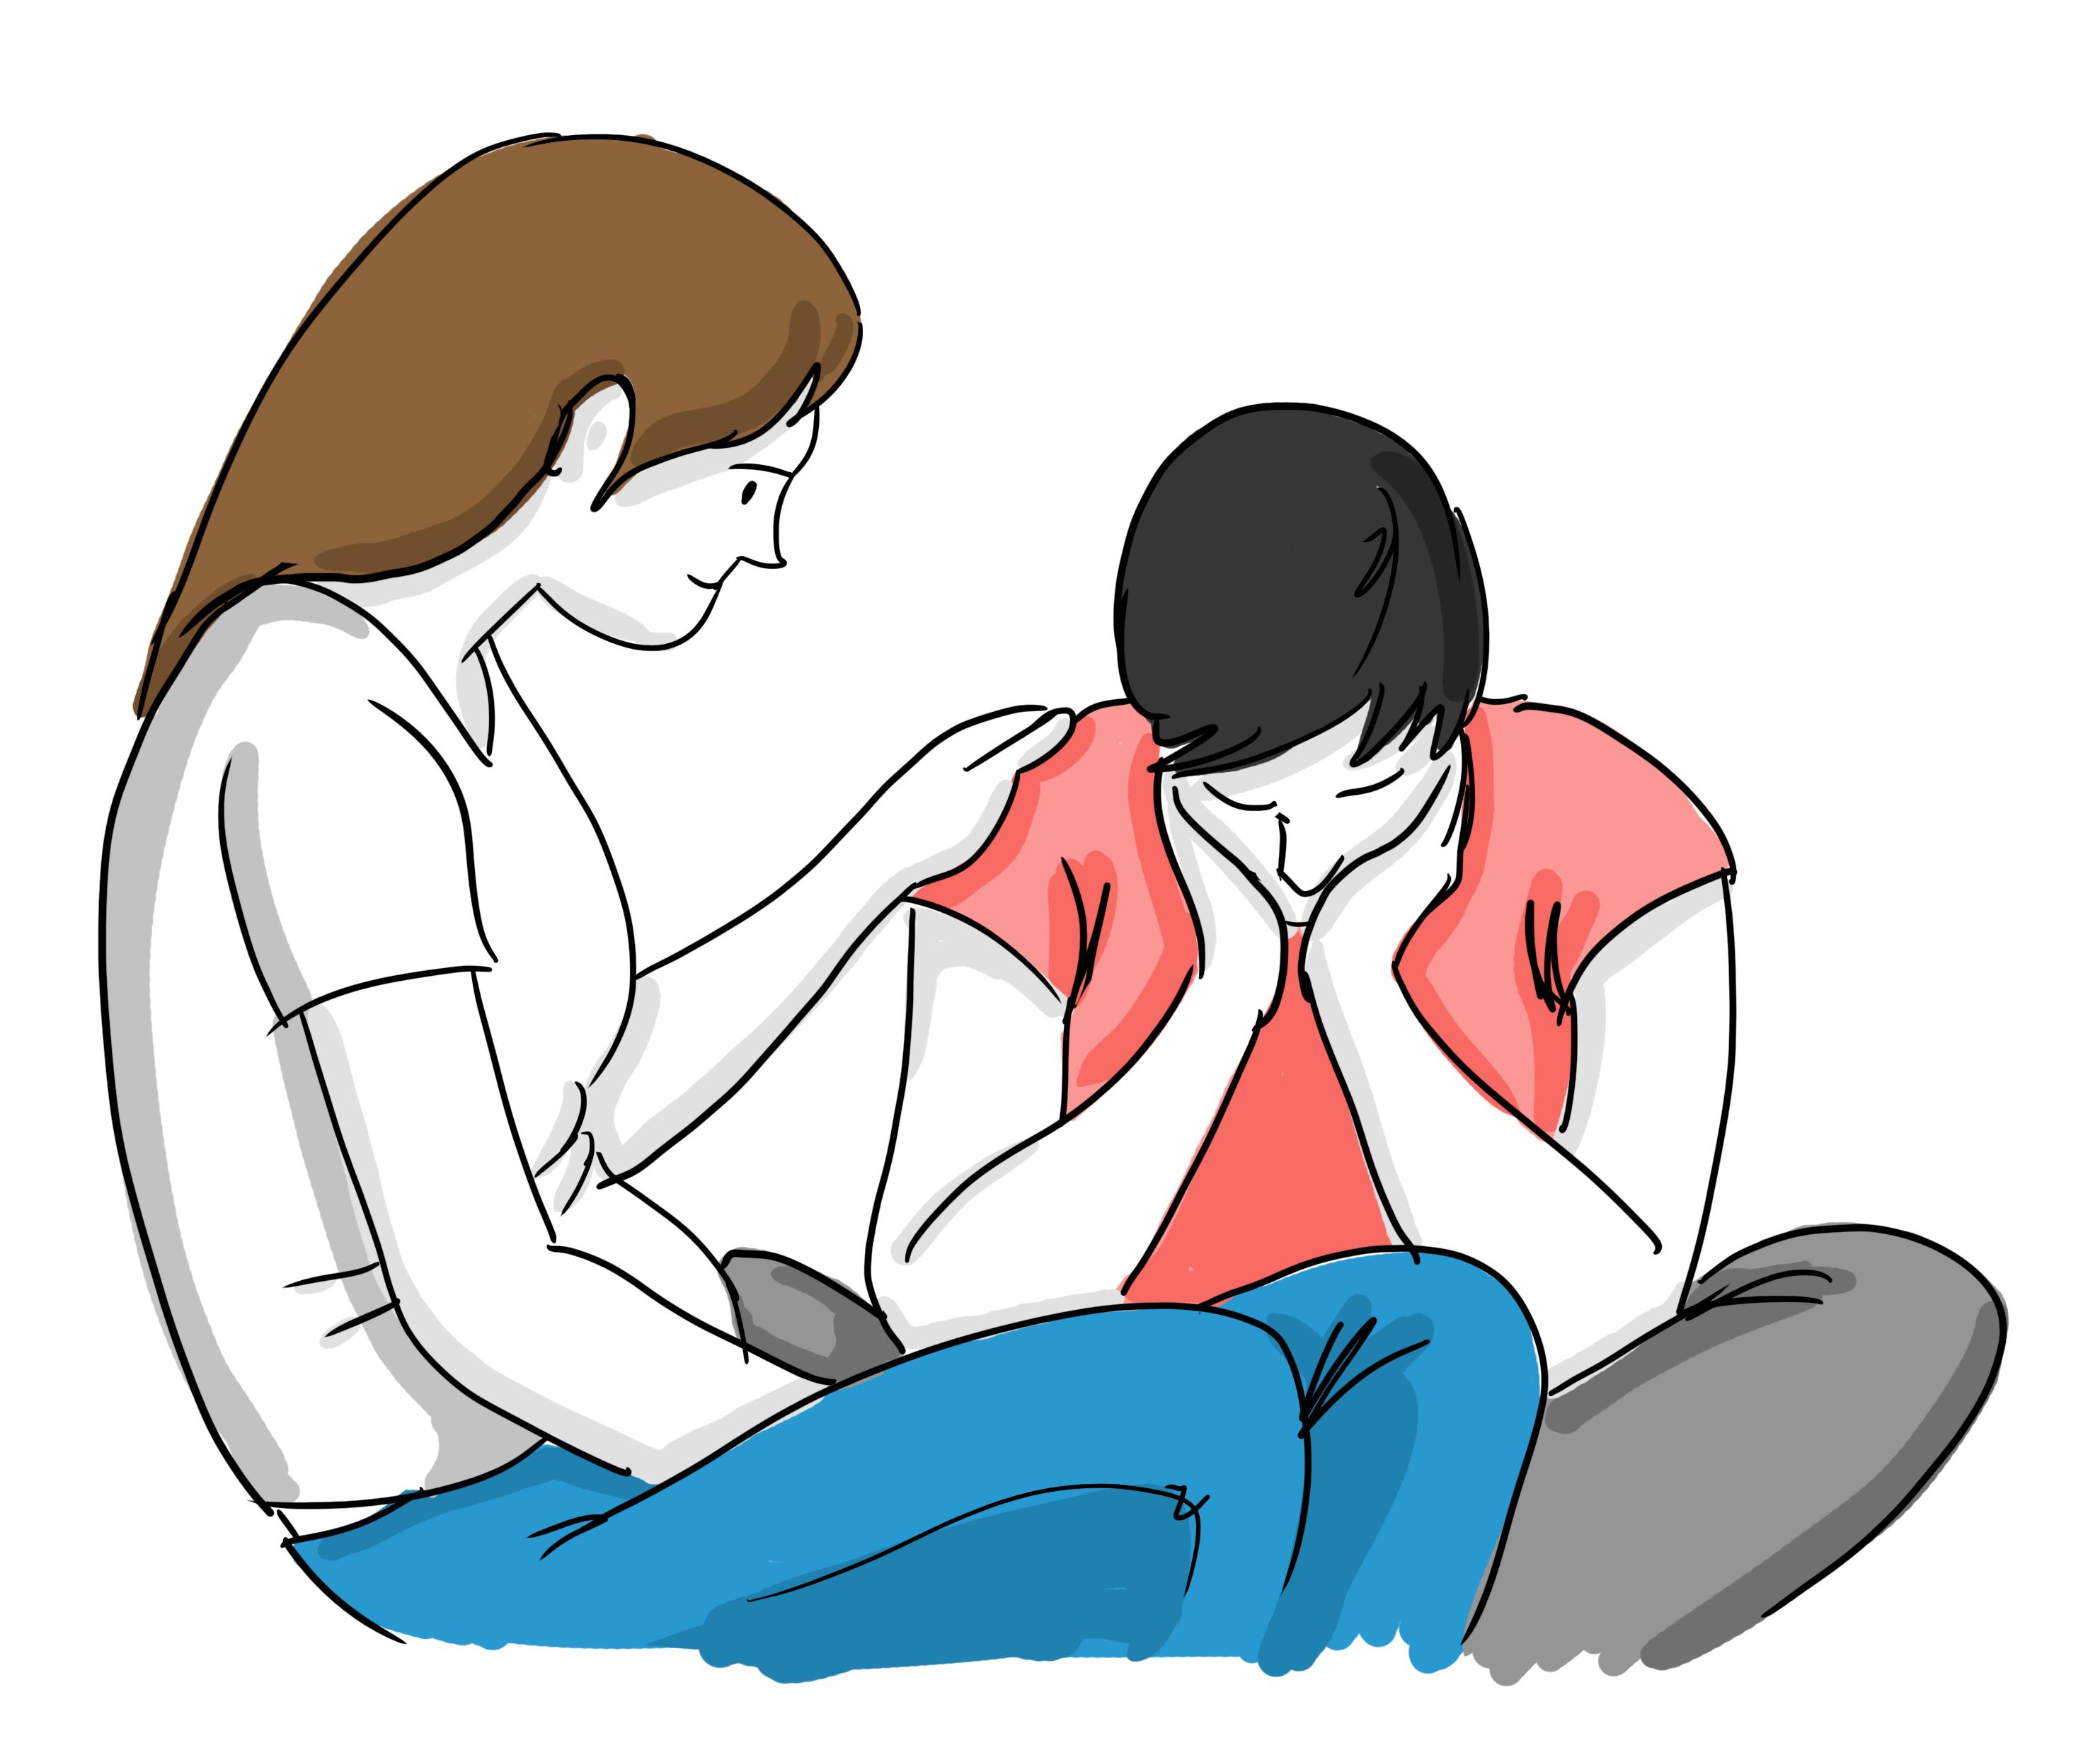 Imagen 2. Cuestiones psicológicas que preocupan a los pacientes con EII